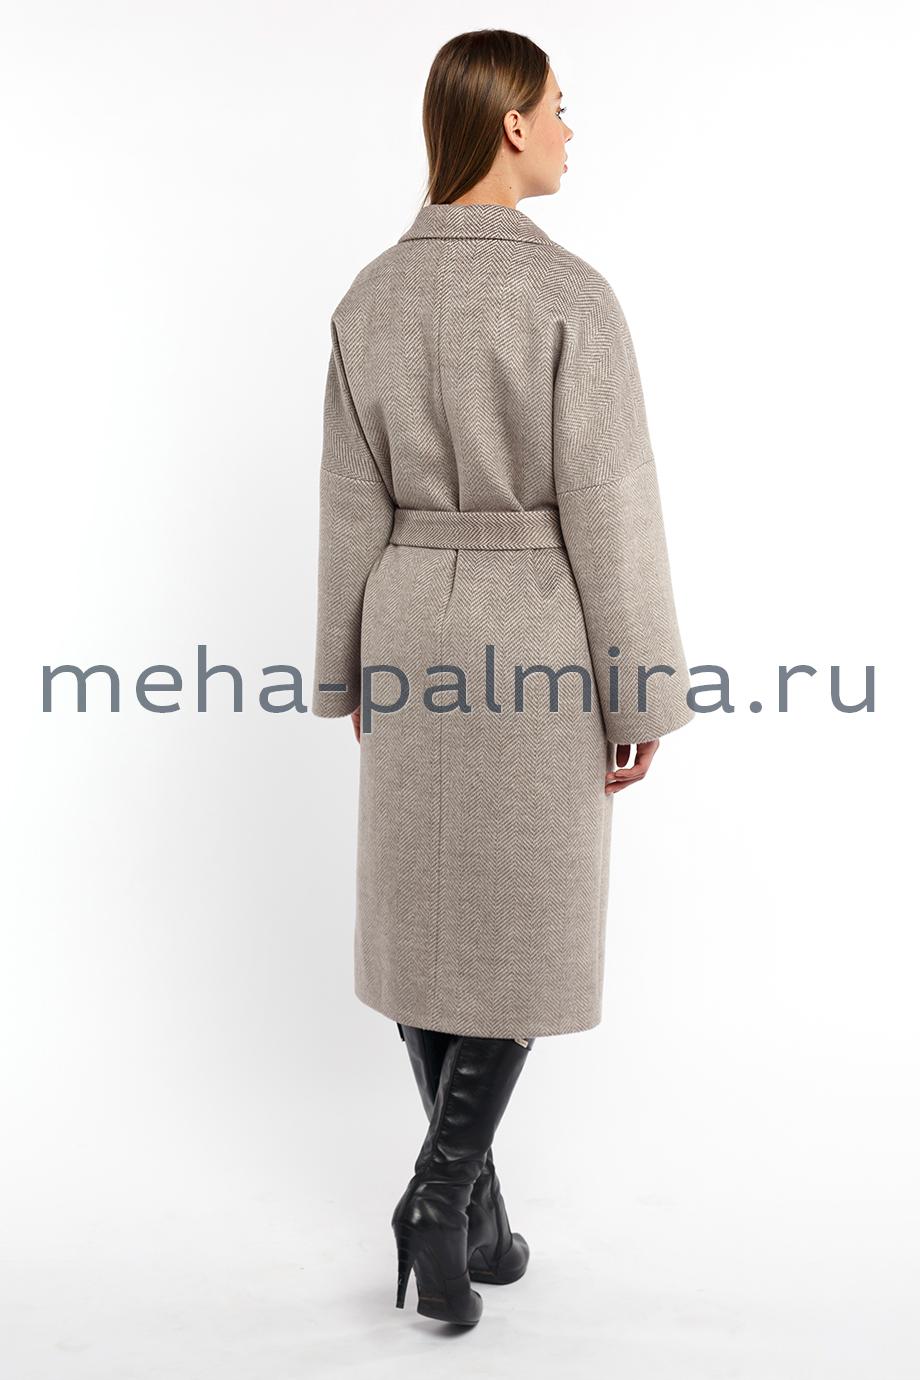 Женское пальто миди ворсовое